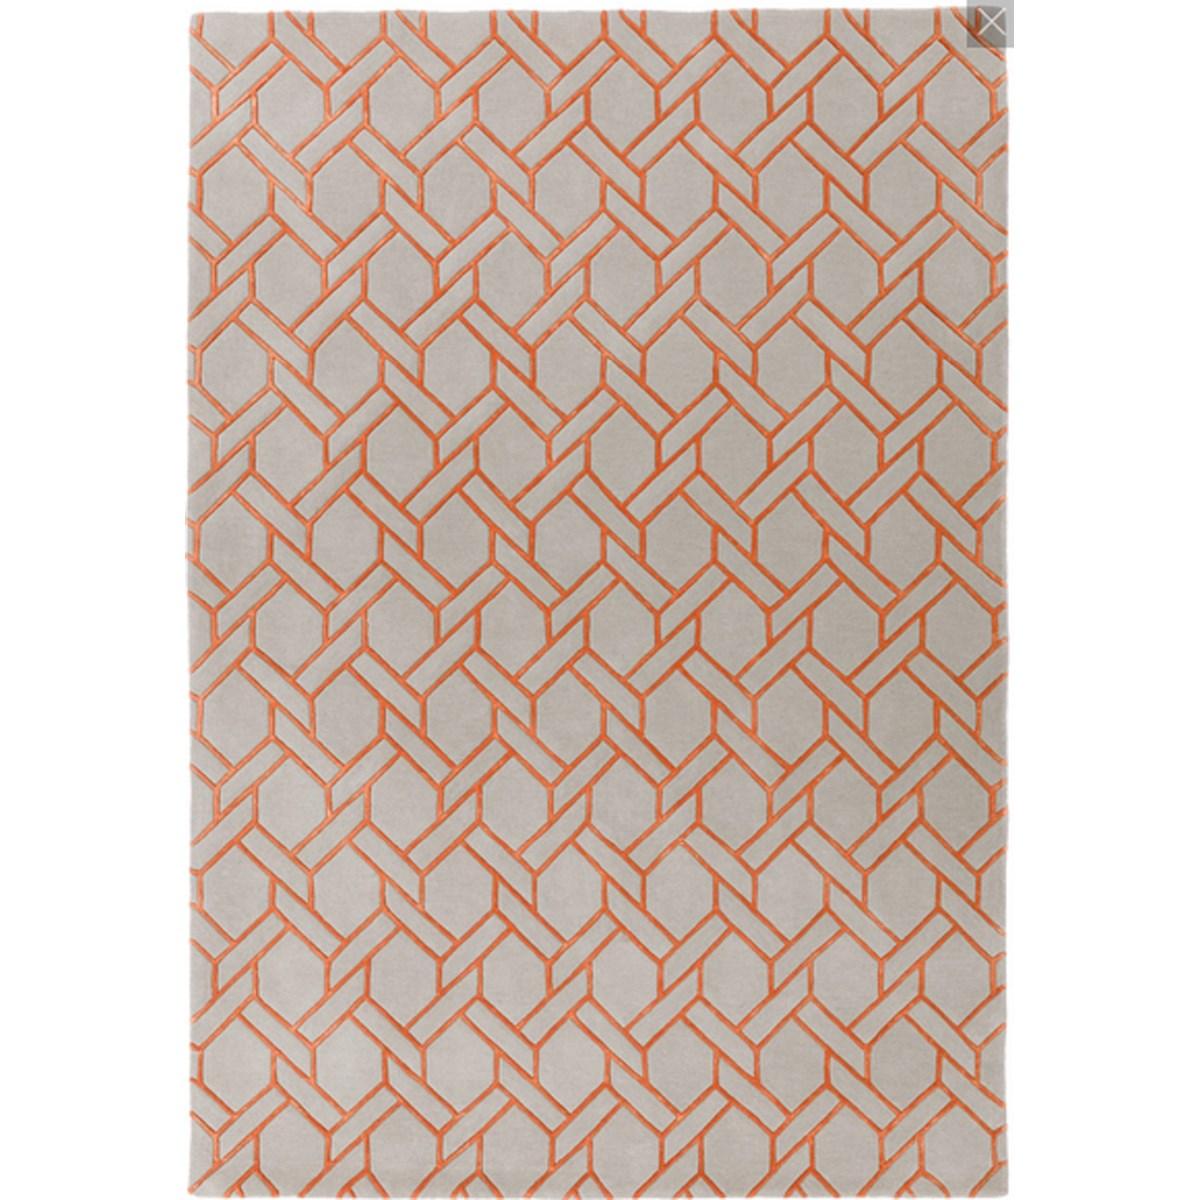 Tapis de salon moderne  en Laine Orange 200x300 cm